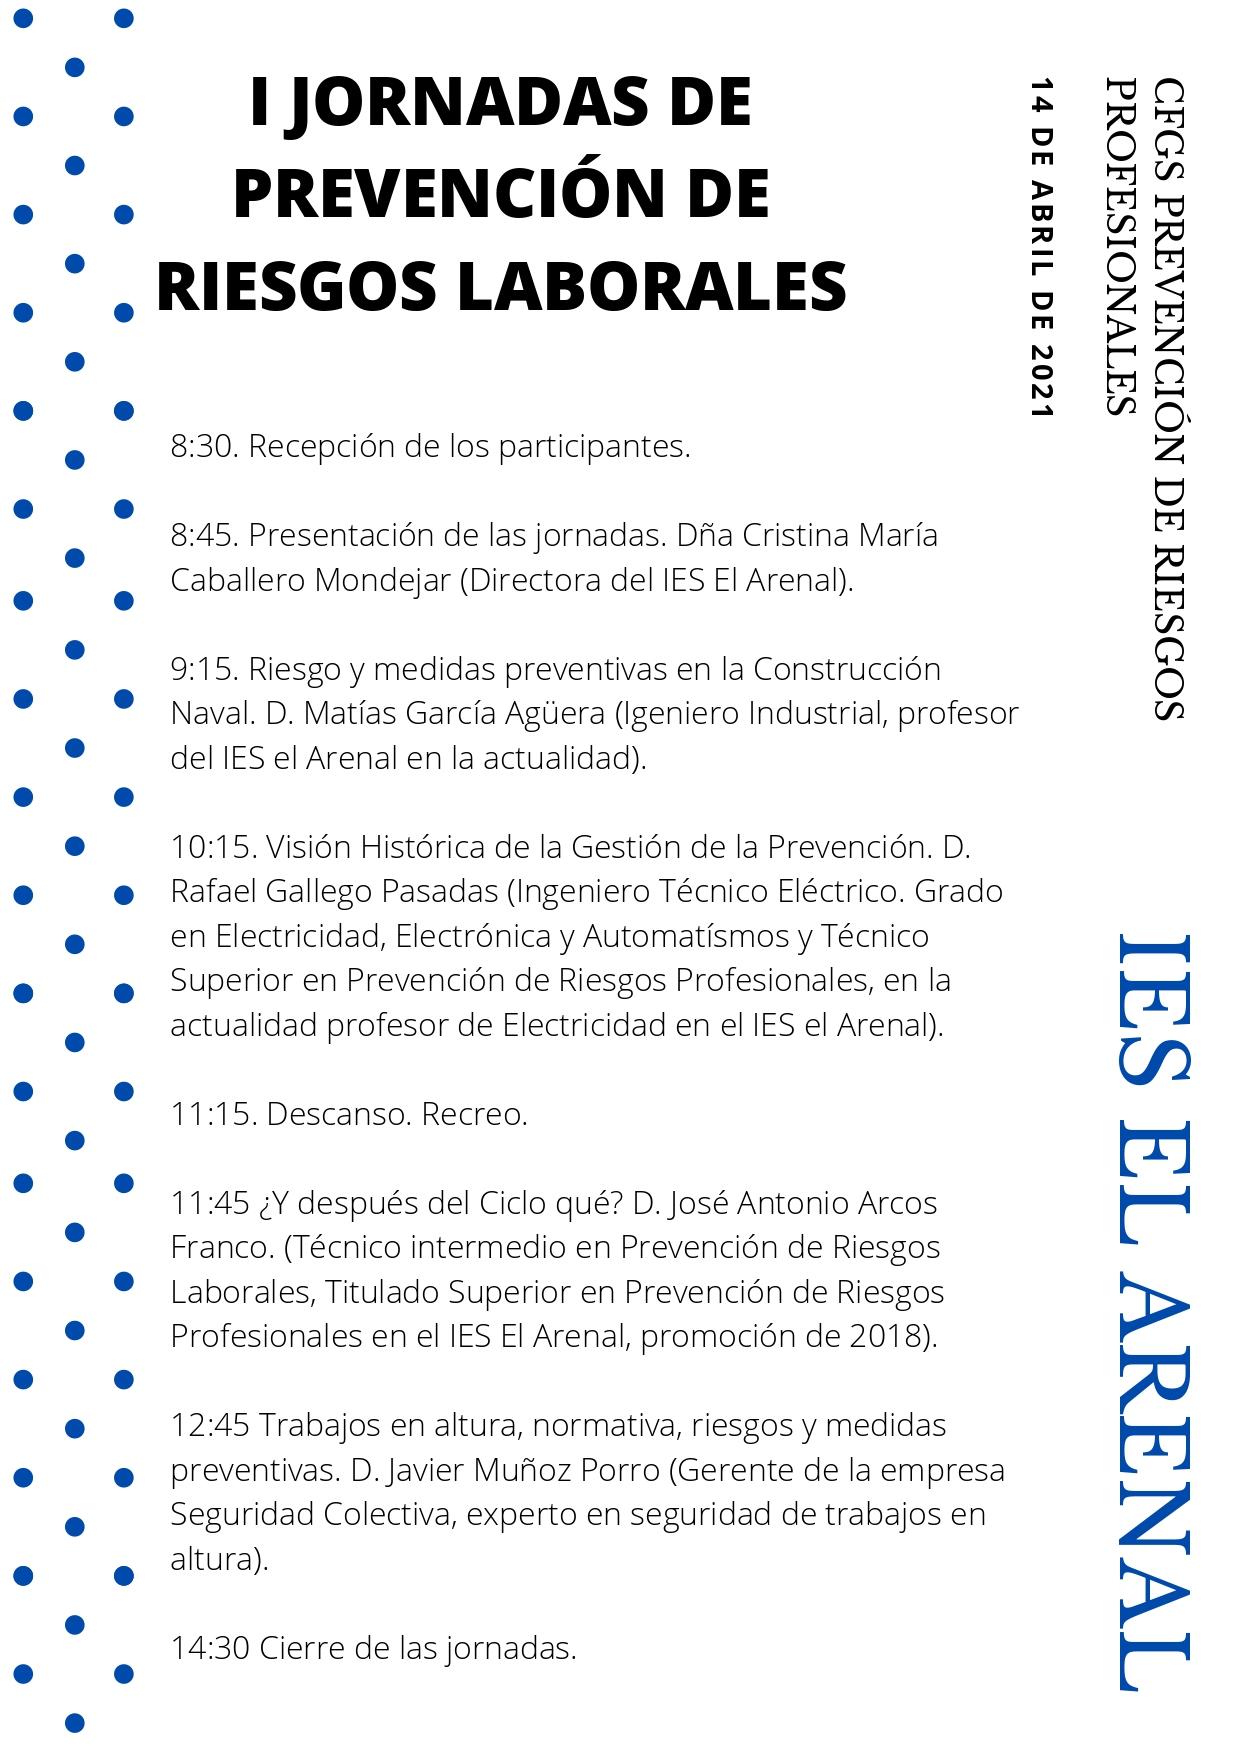 I Jornadas de Prevención de Riesgos Laborales. IES El Arenal.